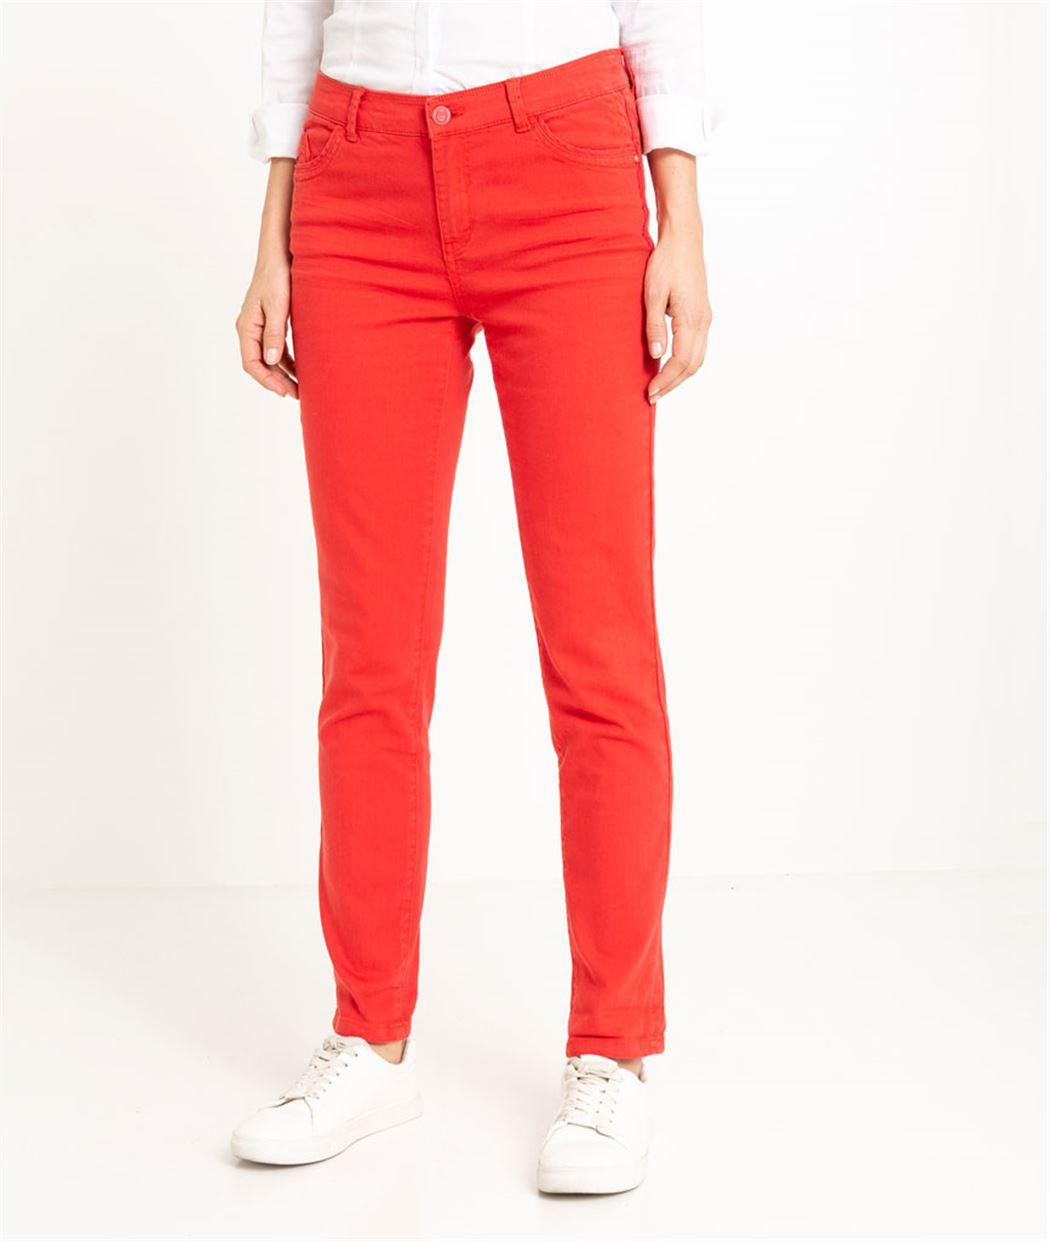 Pantalon raccourci femme couleur ROUGE